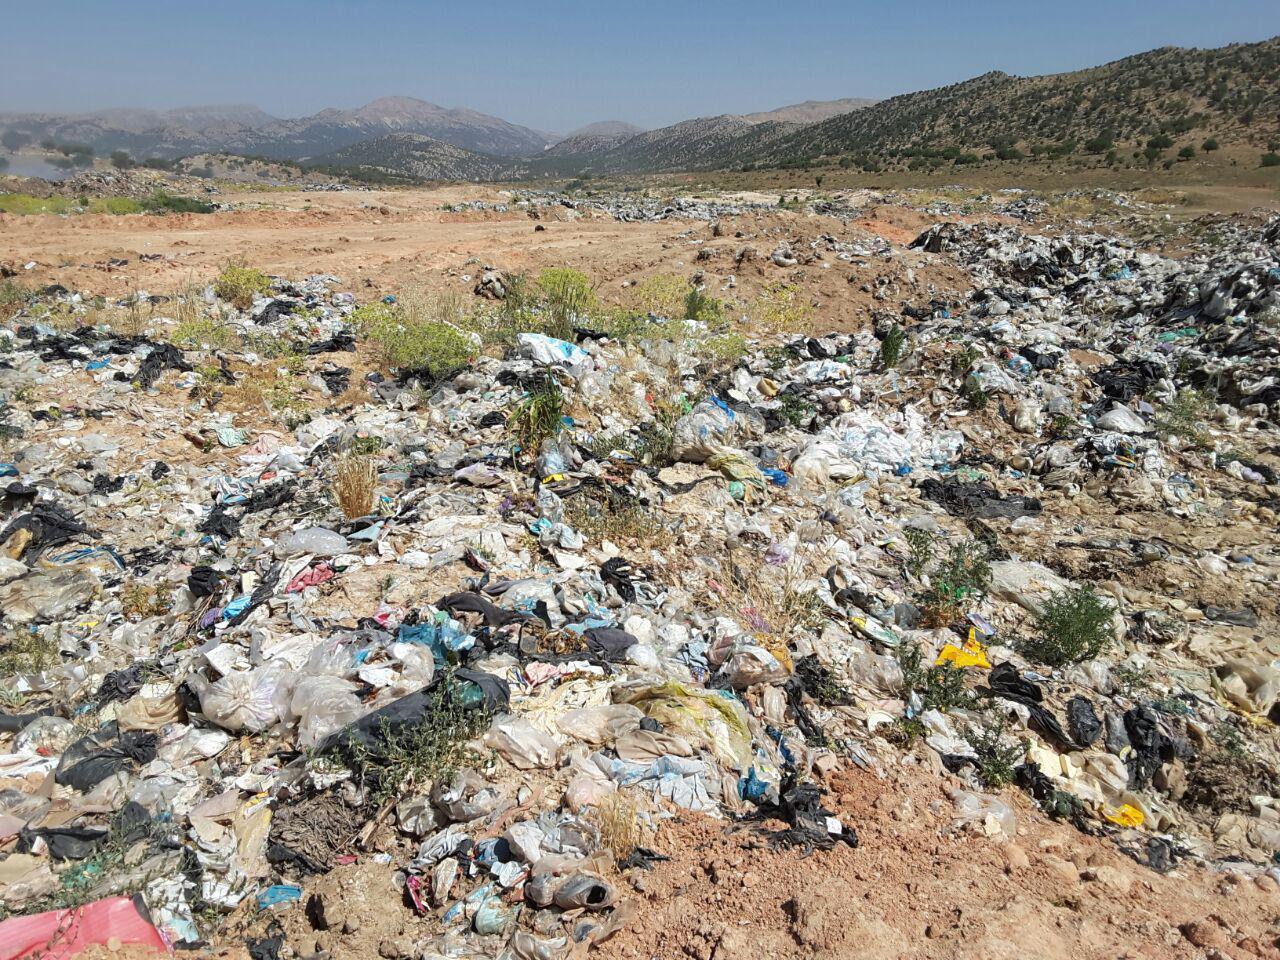 قبل از خروج از محل دفن زباله وسایل نقليه جمع آوری زباله ممکن است از محل تمیز کردن چرخ ها عبور کنند